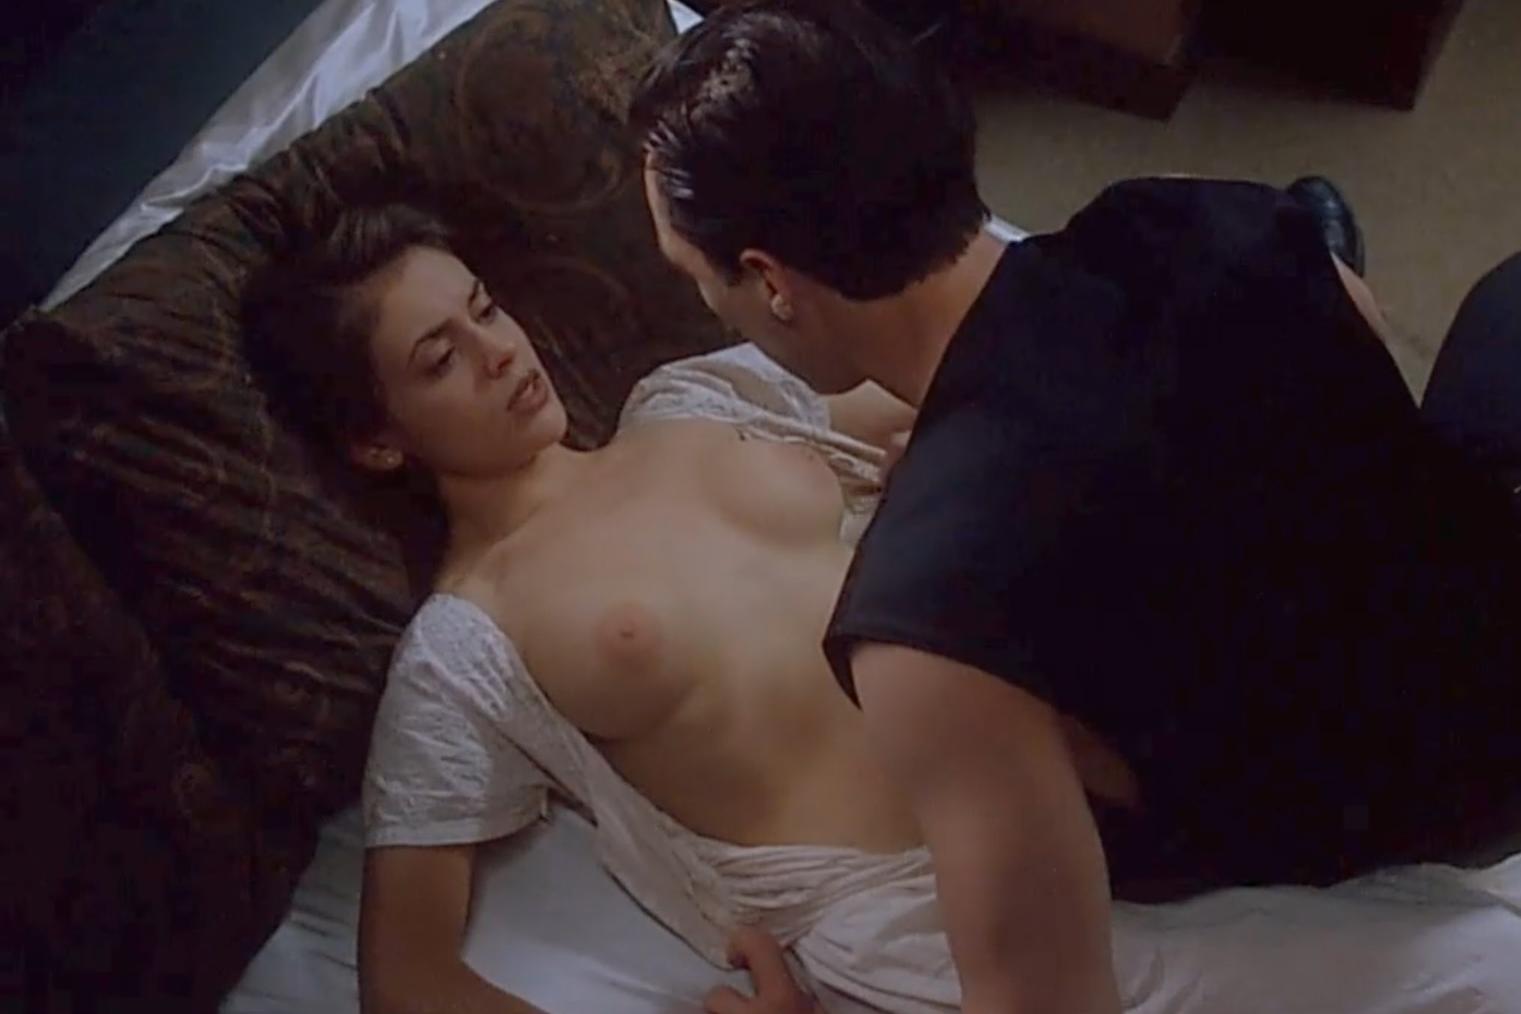 Alyssa milano nude com